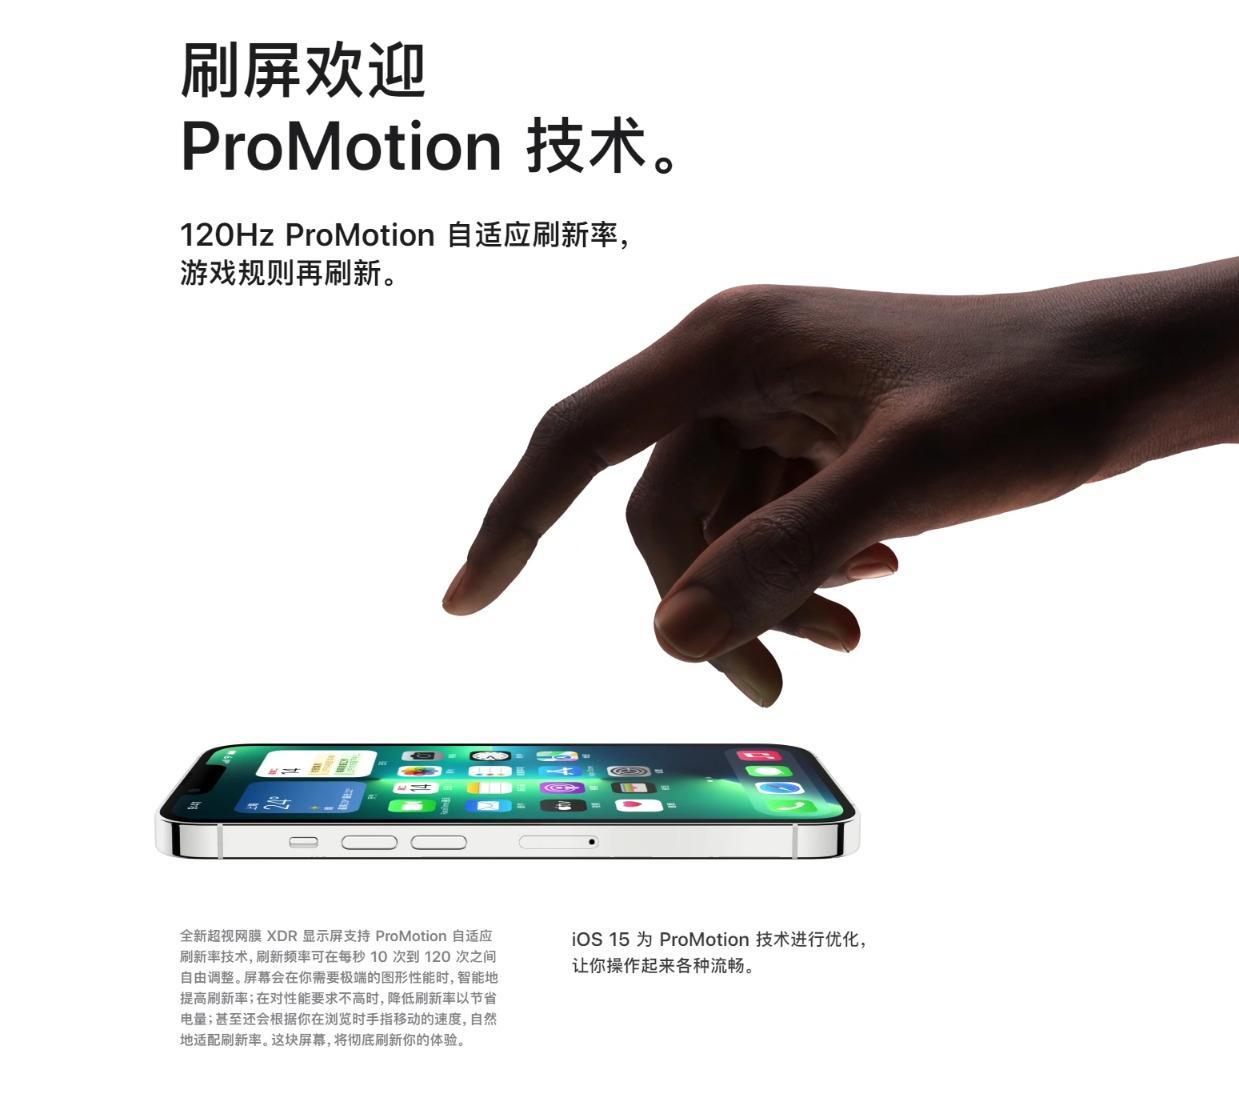 摩臣5平台苹果发布会三大亮点:5纳米A15芯片、120Hz高刷屏、电影级摄像头